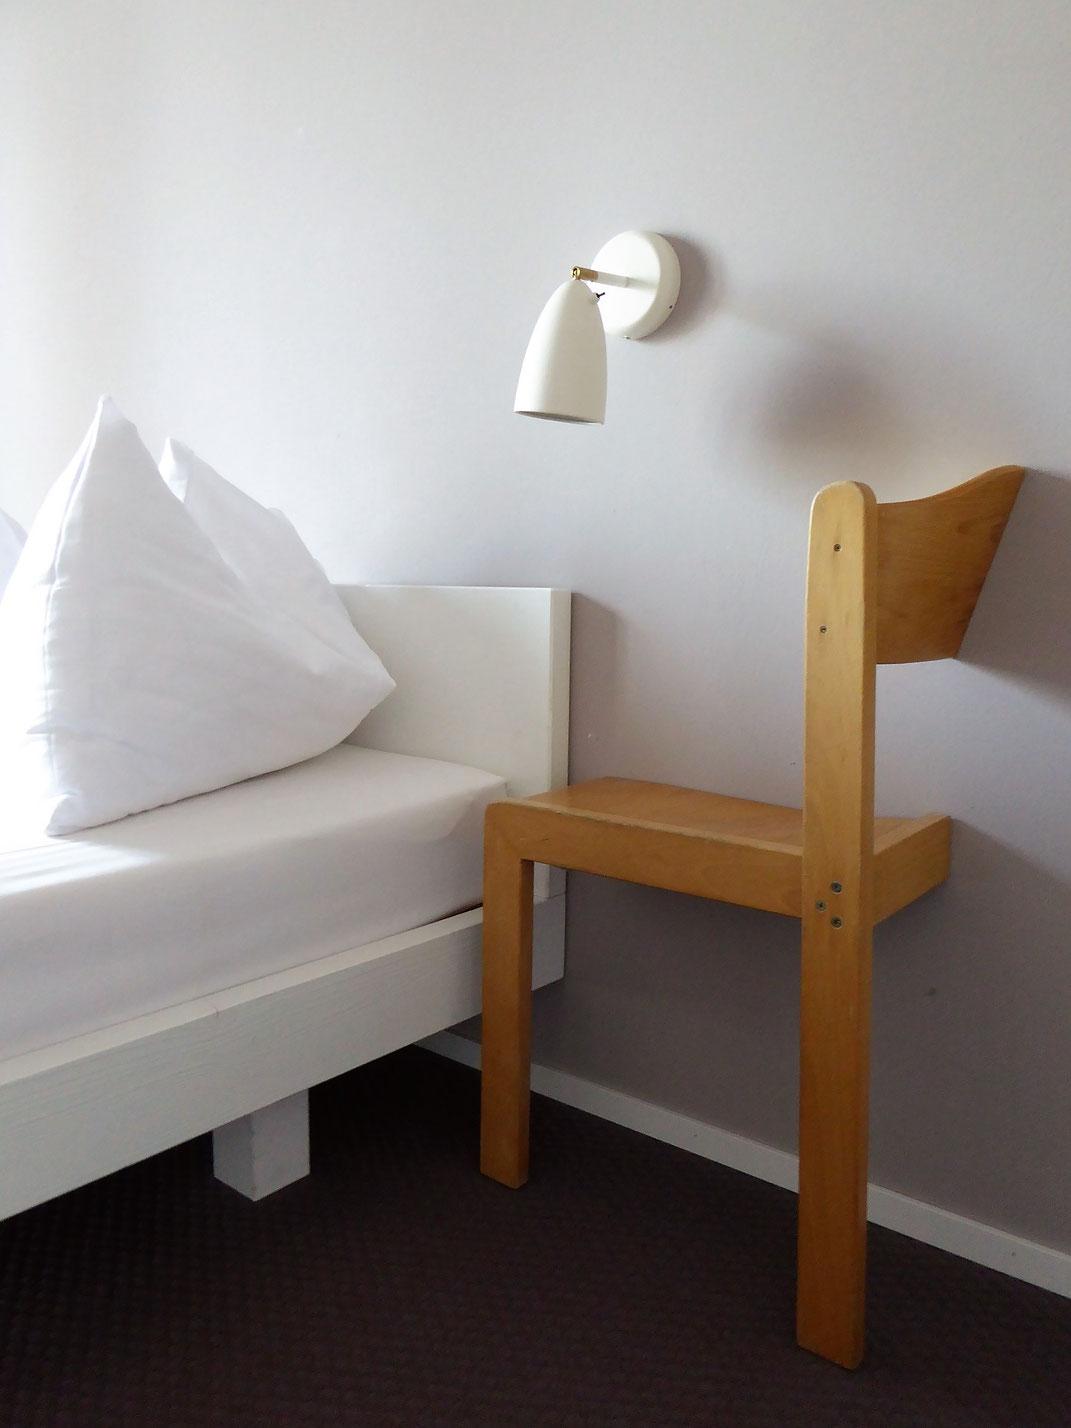 Bequeme Betten und liebevolle Details im magdas Hotel, Wien.